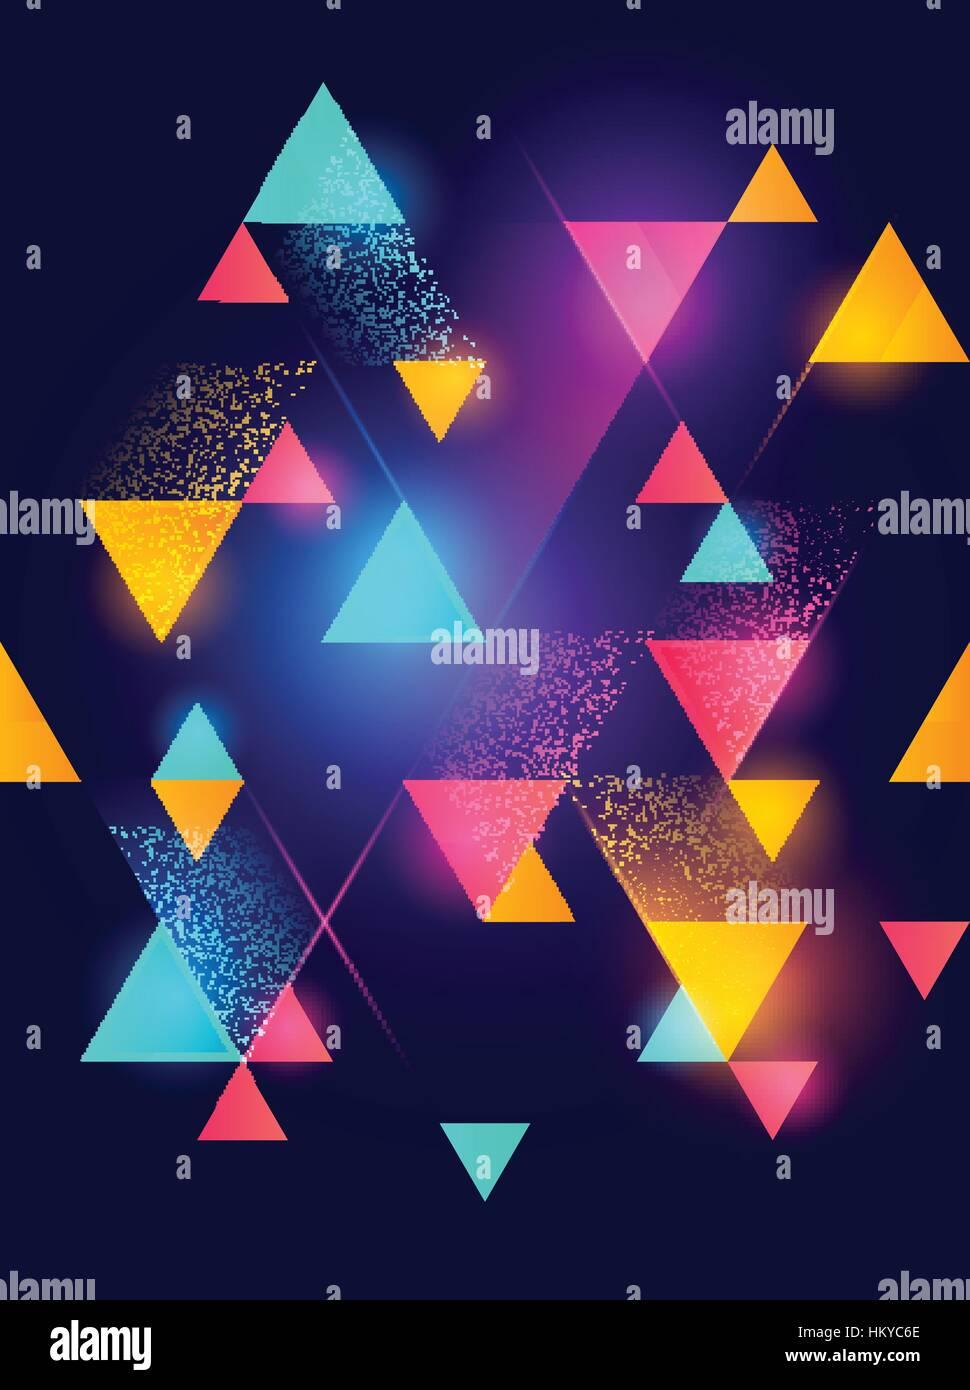 Leuchtende Neon-geometrisches Muster-Hintergrund. Vektor-Illustration. Stockbild